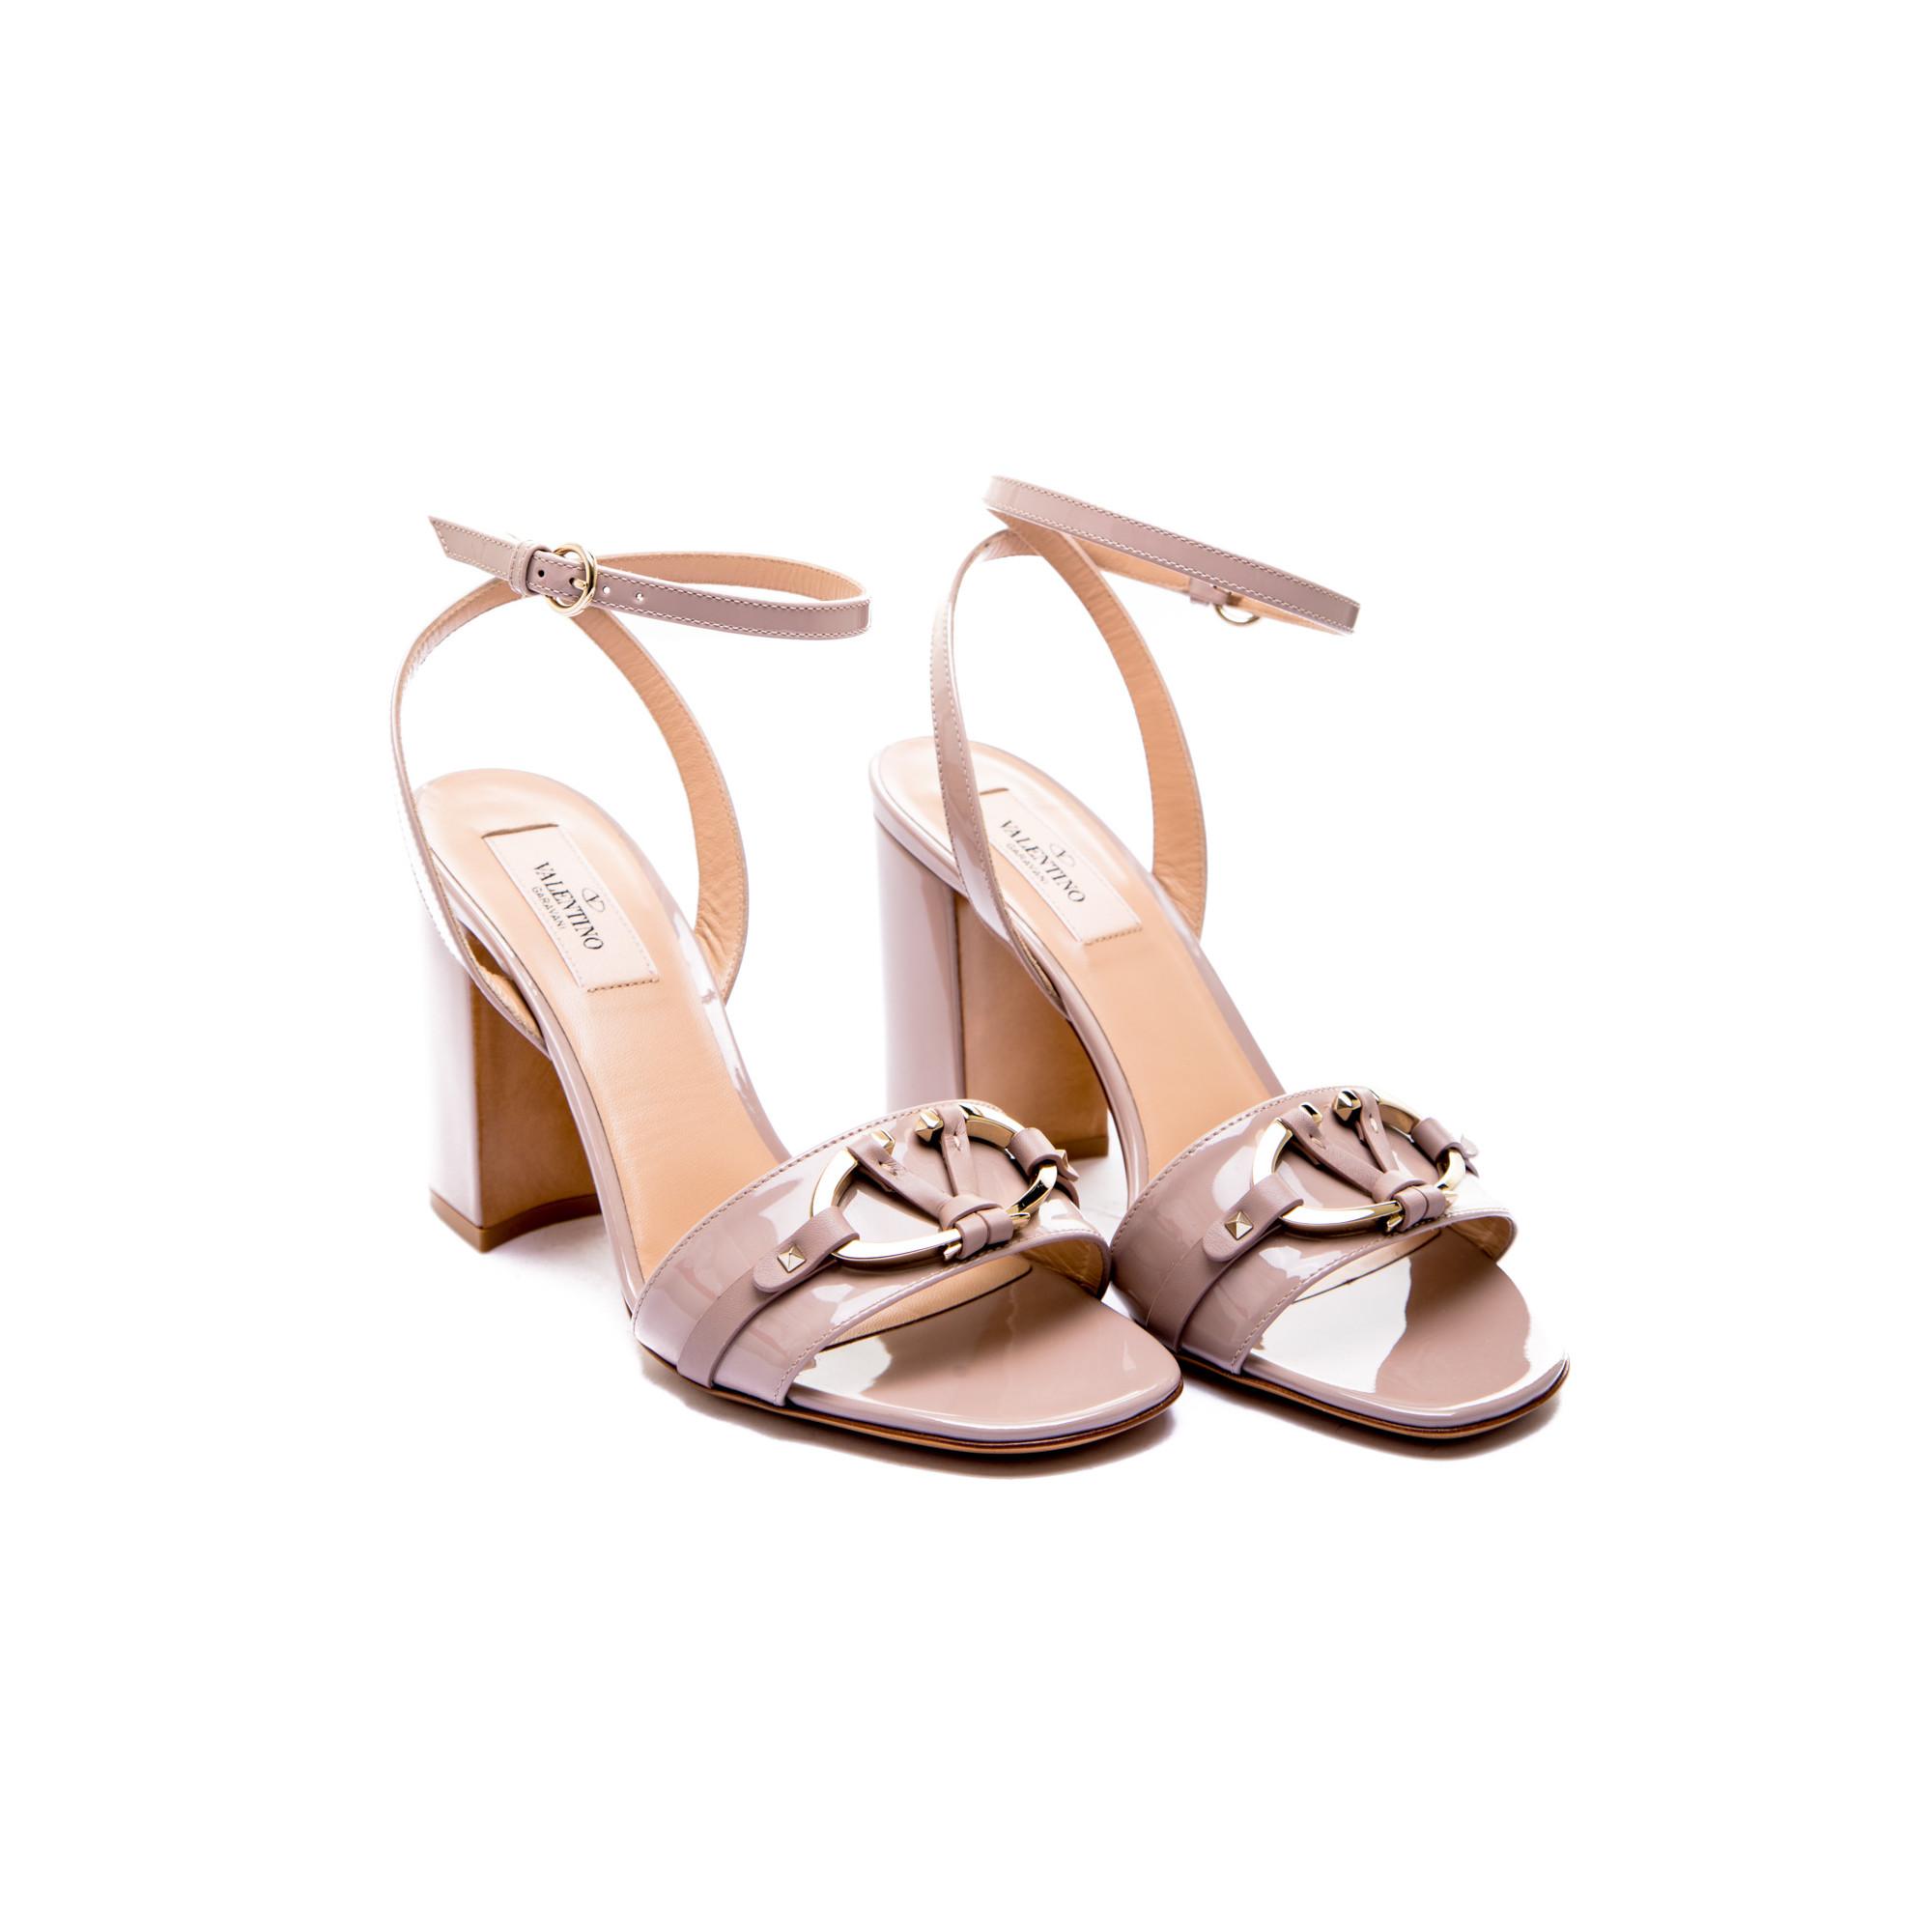 Valentino Chaussures Beige Avec Boucle Pour Femmes xQ0DPt